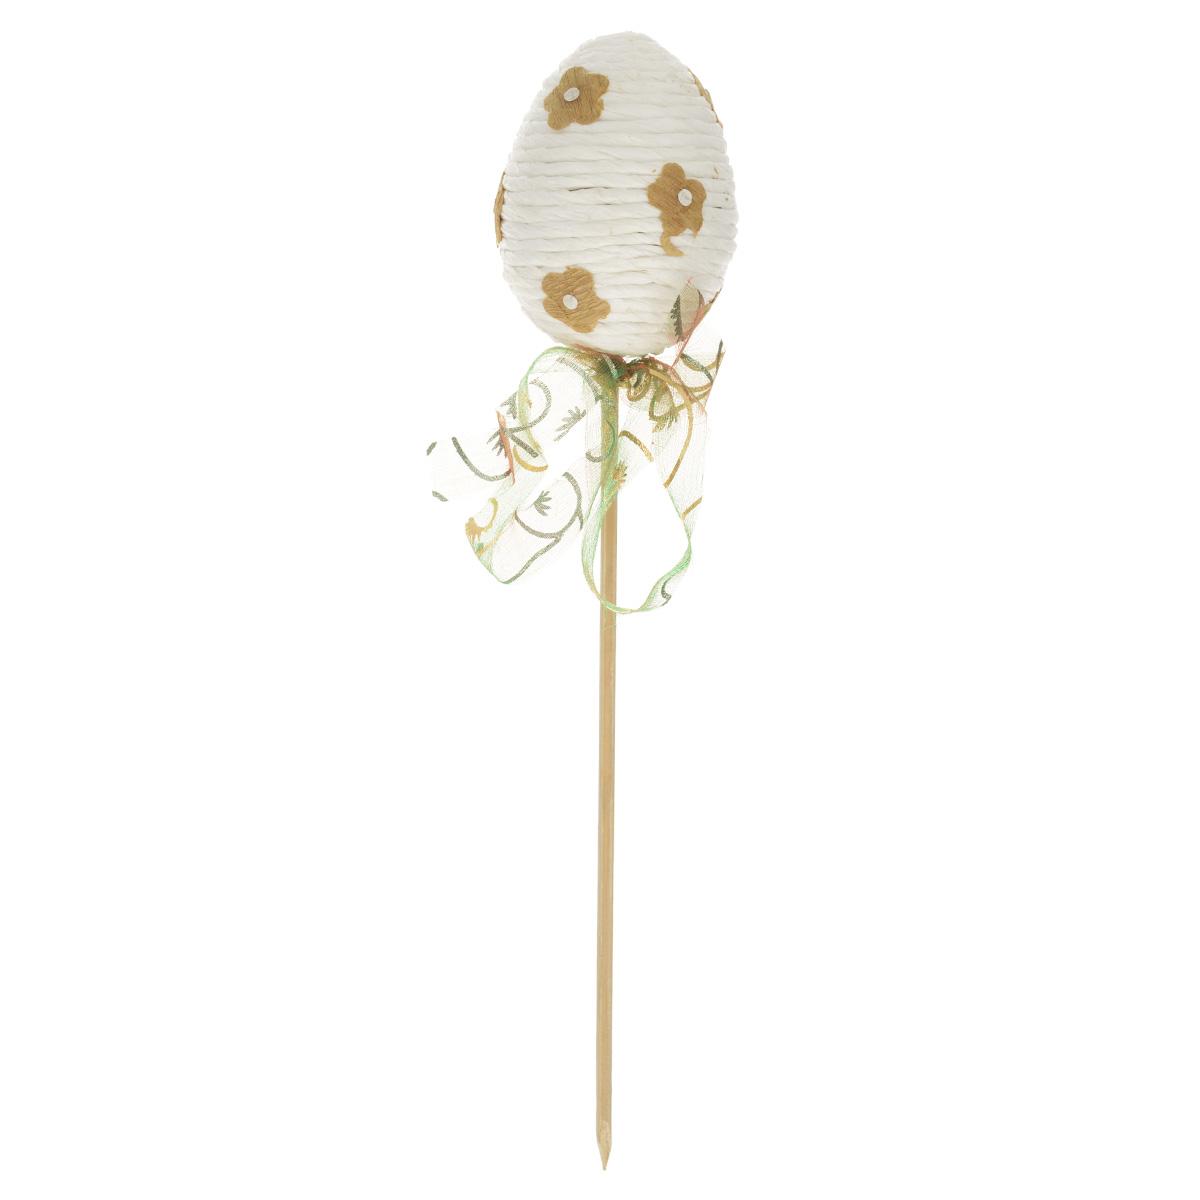 Декоративное украшение на ножке Home Queen Яйцо веселое, цвет: белый, высота 21 смRSP-202SДекоративное украшение Home Queen Яйцо веселое выполнено из пенопласта и бумаги в виде пасхального яйца на деревянной ножке, декорированного рельефными бумажными цветами. Изделие украшено полупрозрачной лентой. Такое украшение прекрасно дополнит подарок для друзей или близких на Пасху. Высота: 21 см. Размер яйца: 5 см х 5 см.